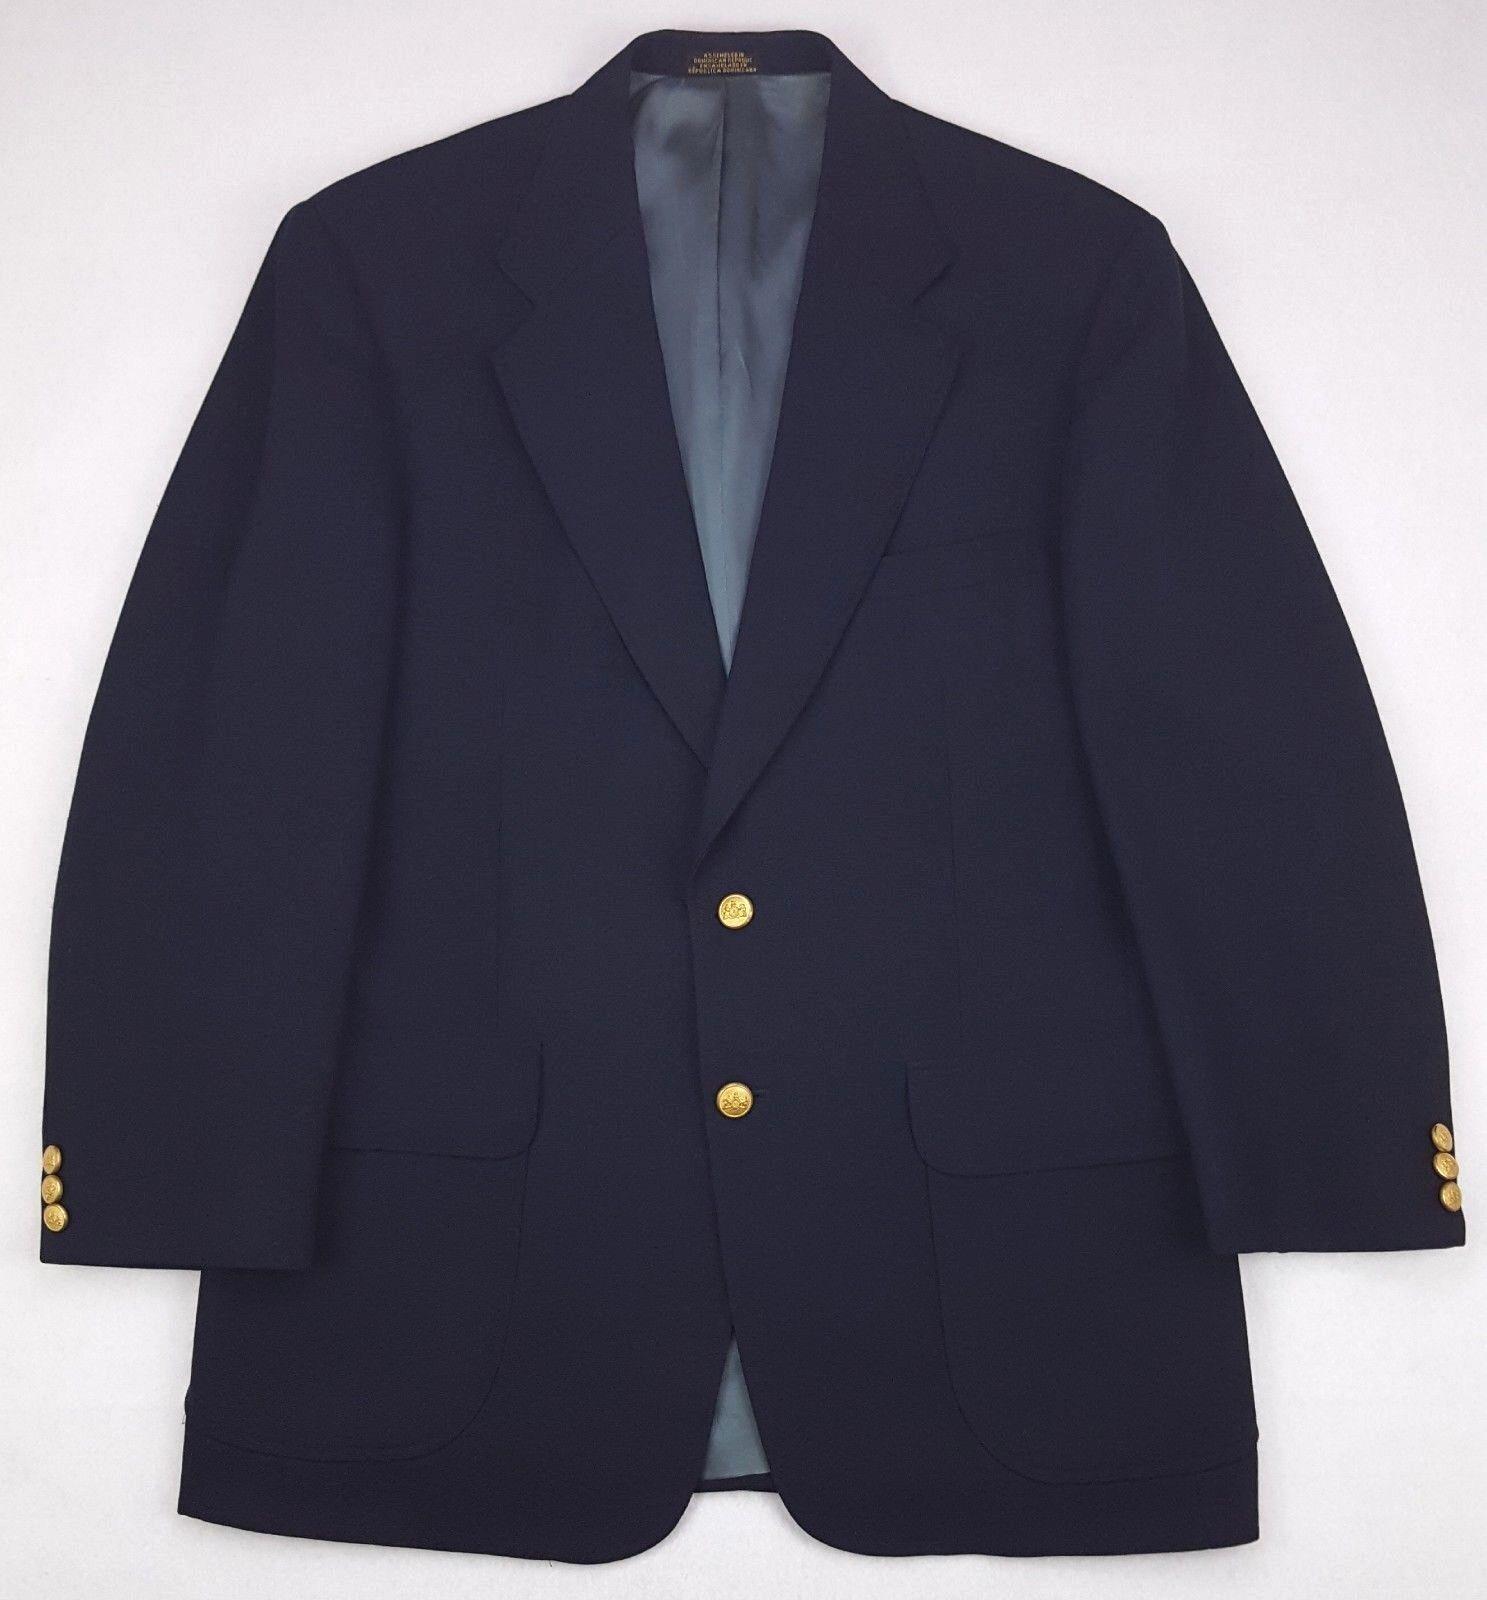 Stafford bluee Blazer 40R Navy Wool Blend gold Tone Metal Buttons Mens Sz Regular